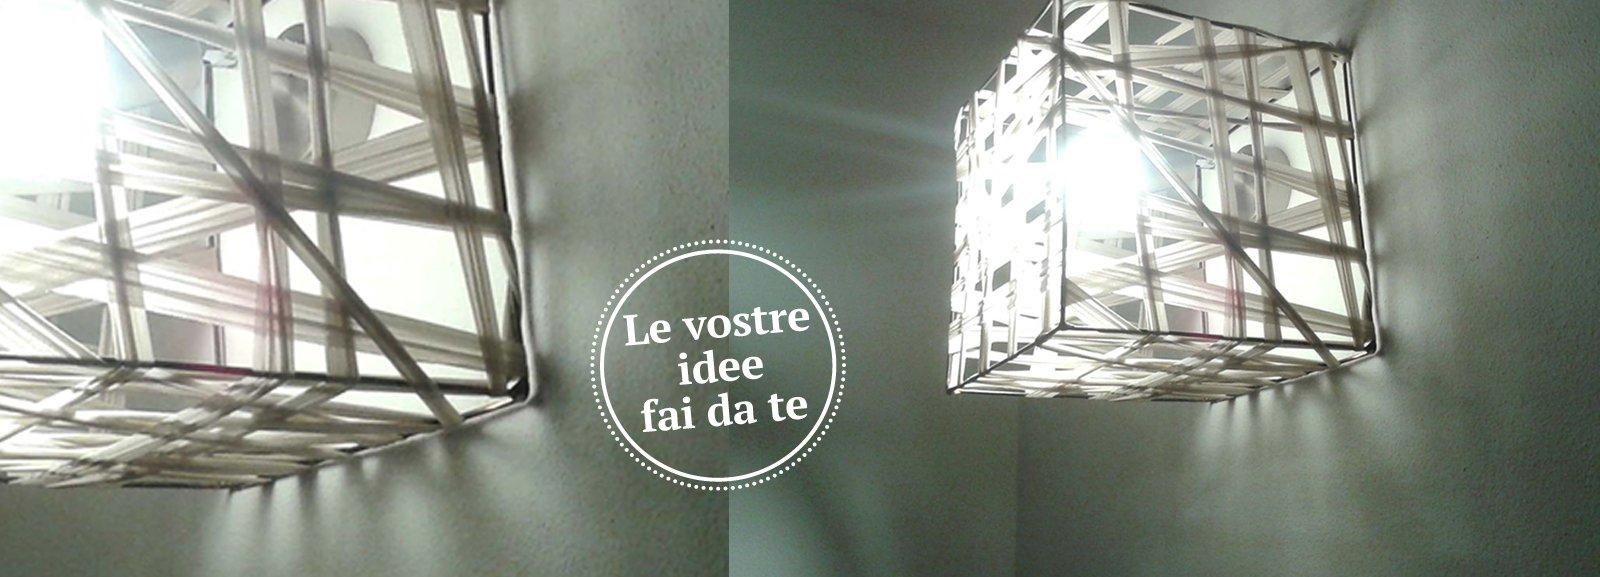 Lampade Giapponesi Fai Da Te : Una lampada al cubo - Cose di Casa